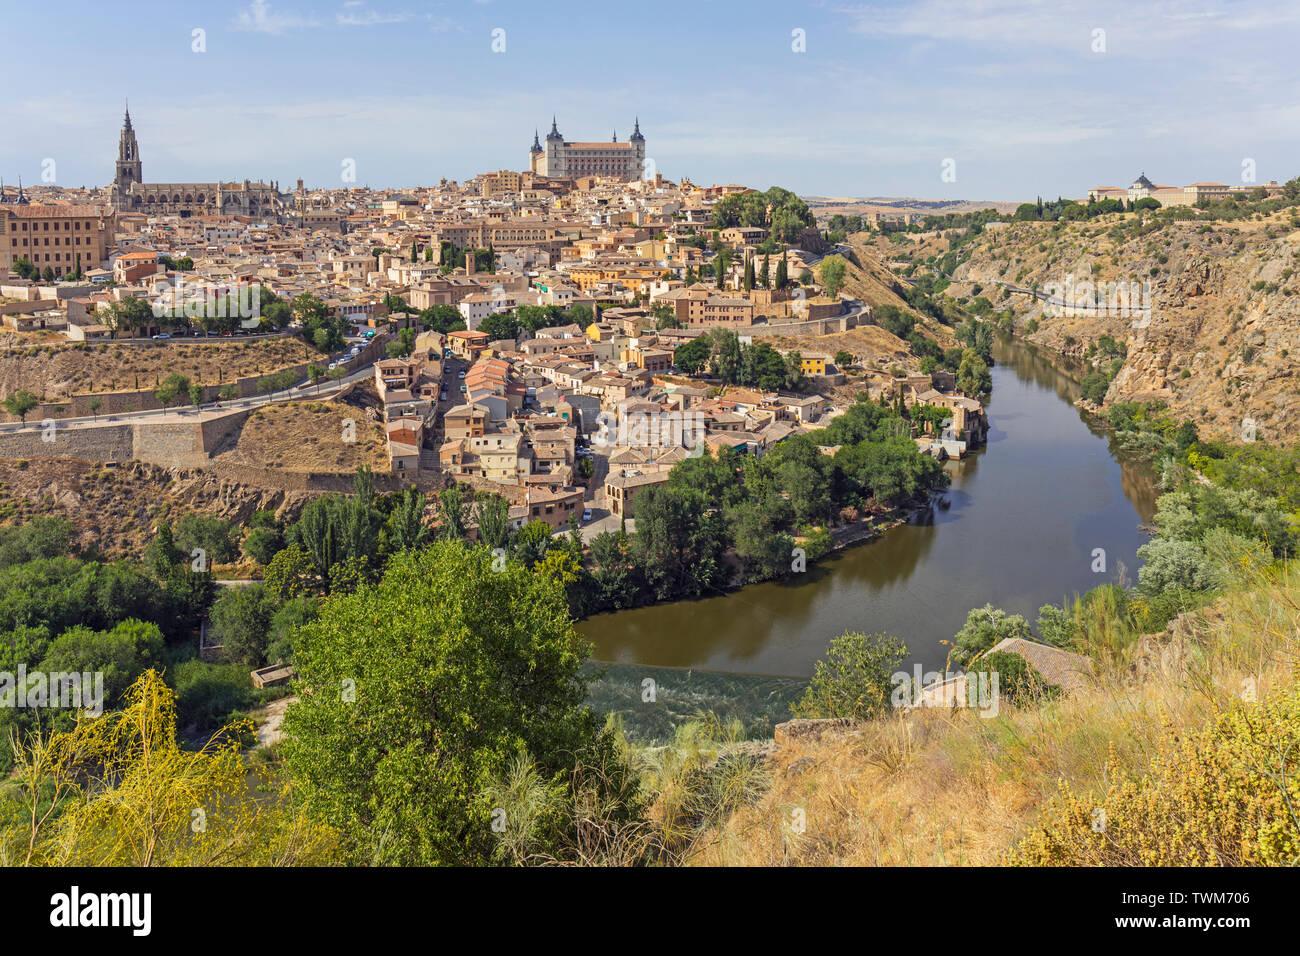 Toledo, Toledo Province, Castilla-La Mancha Spain.  Overall view of the historic centre showing the Tagus River (Rio Tajo) with the Alcazar centre and Stock Photo